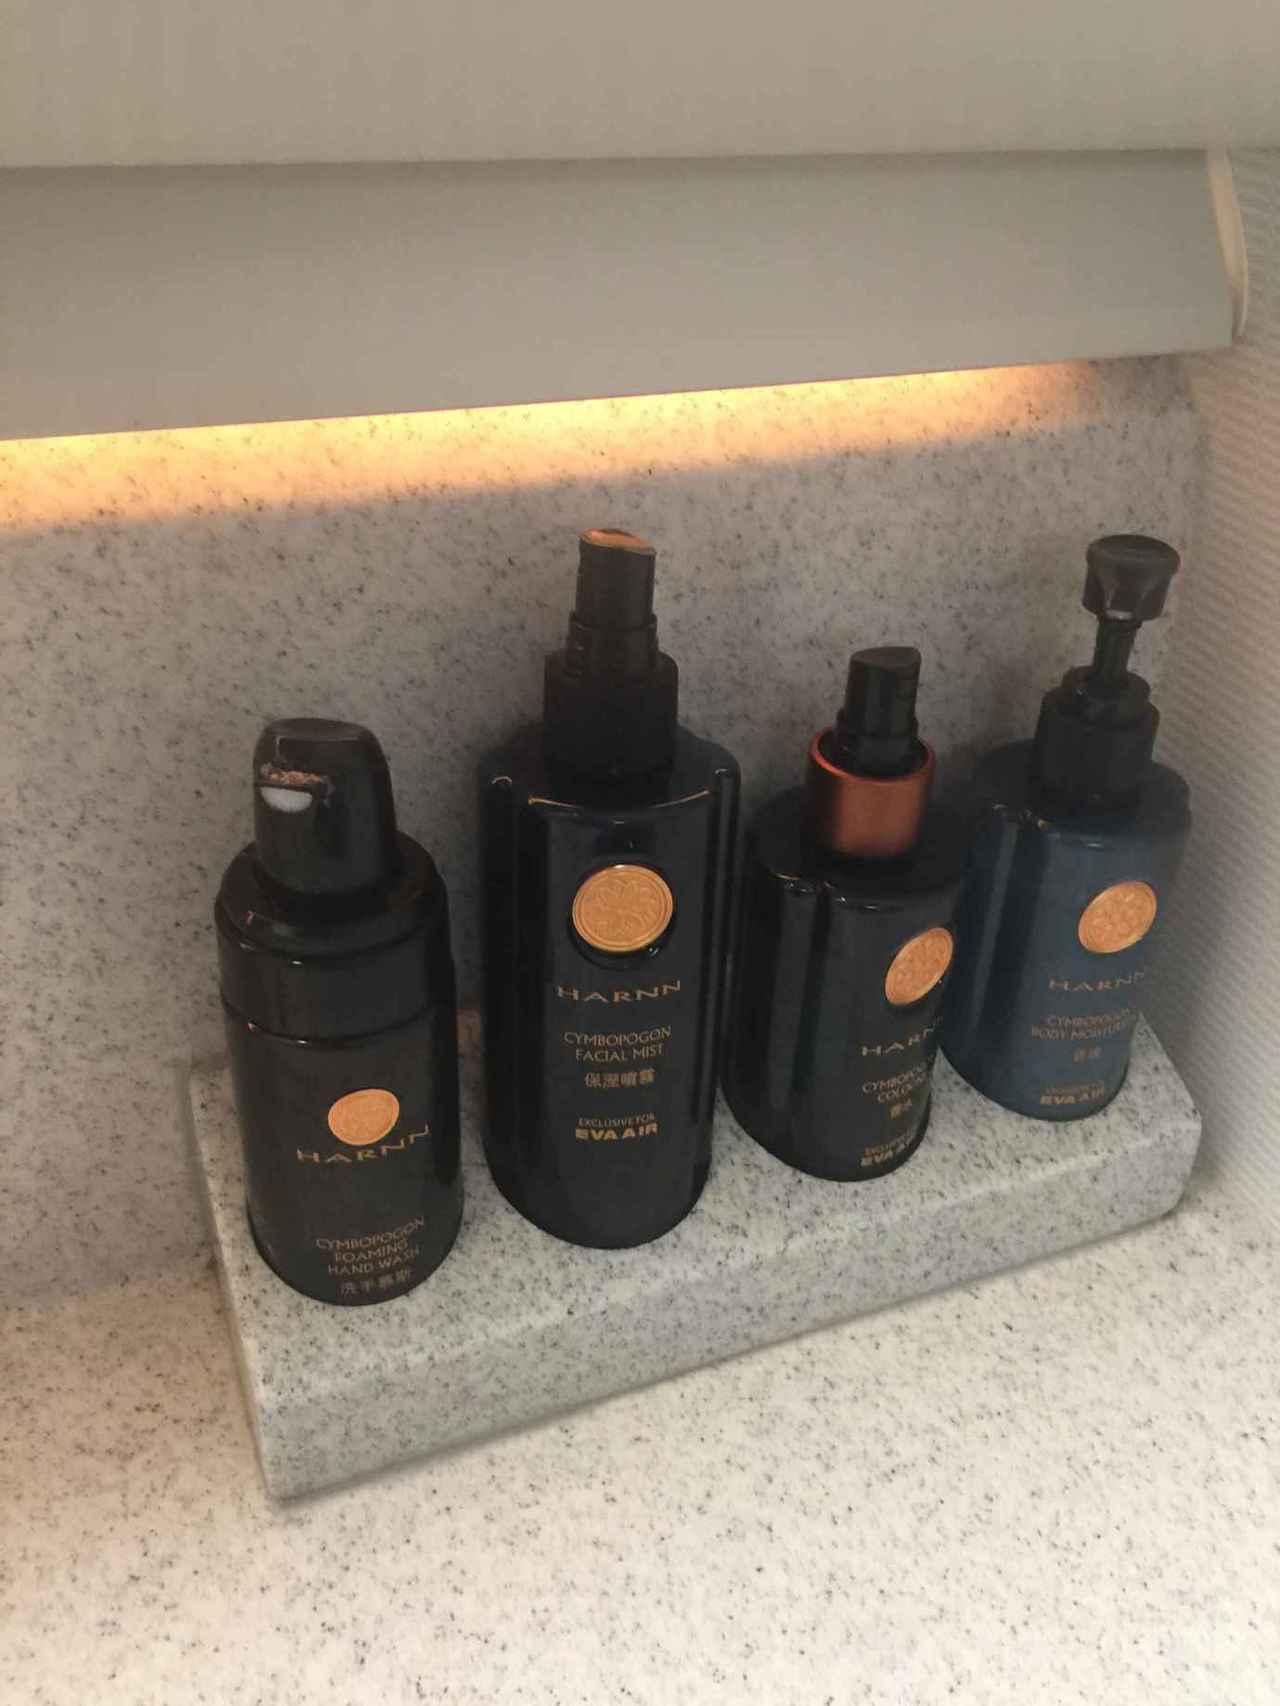 洗手間空間不大,是用HARNN的化妝品。噴霧大推! 圖文來自於:TripPlus